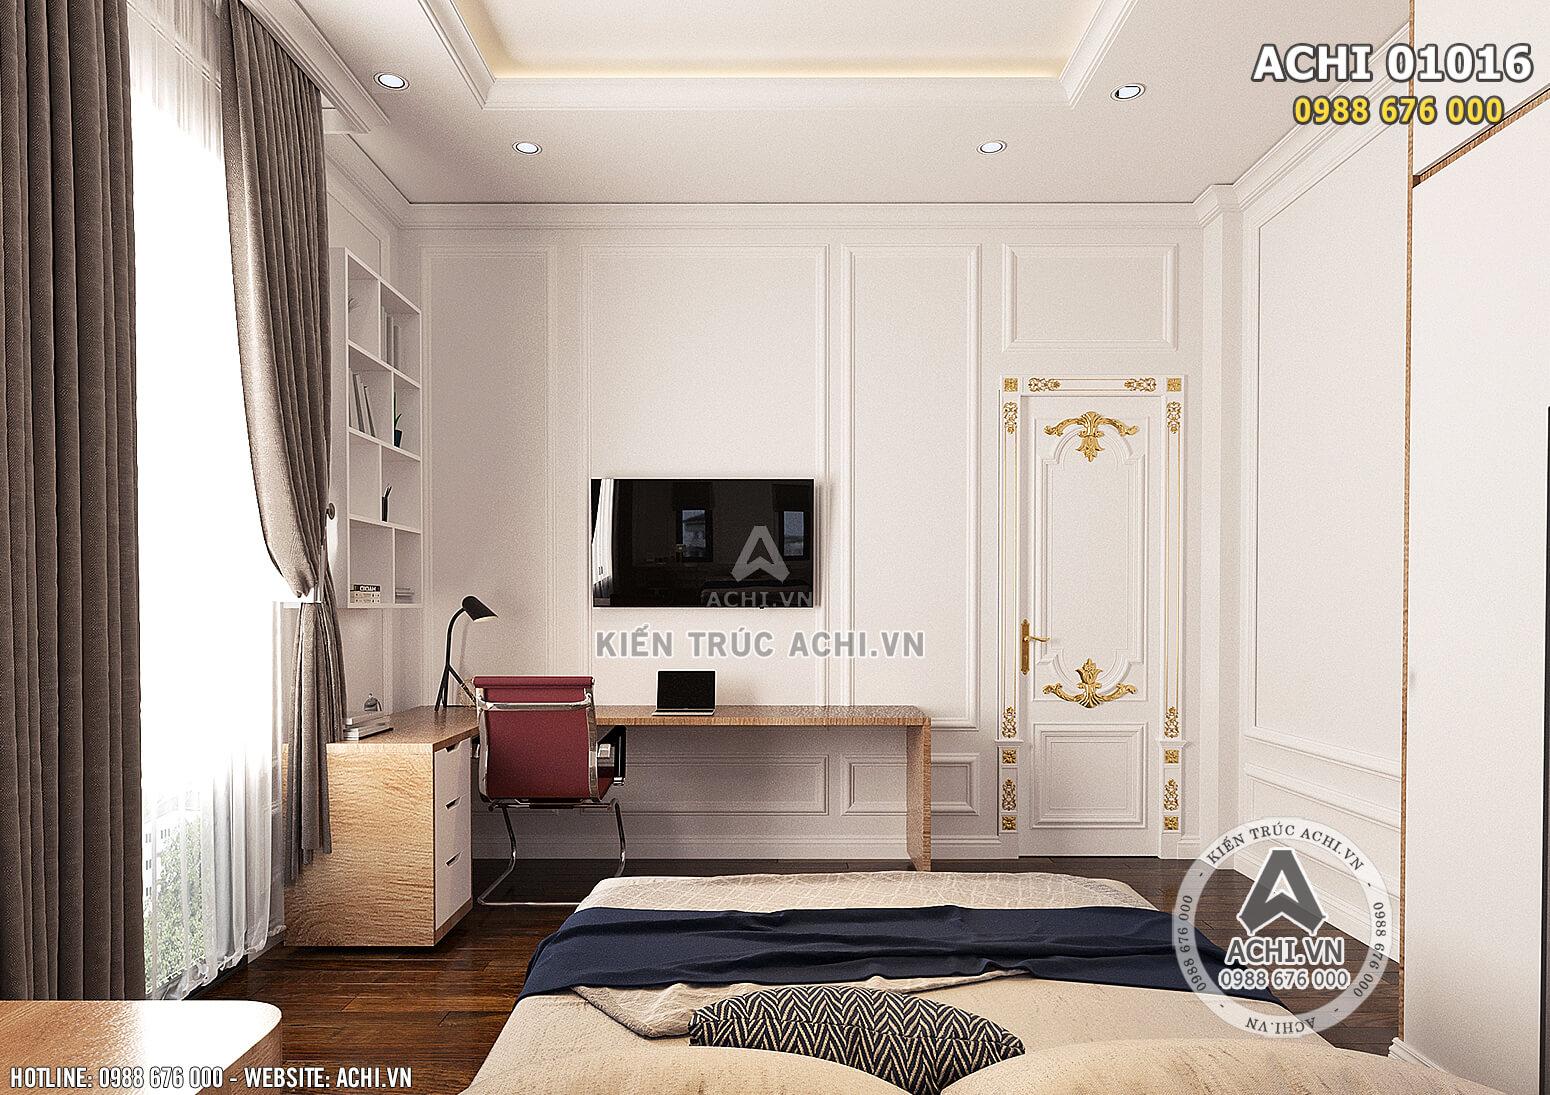 Hình ảnh: Không gian phòng ngủ cho cậu con trai mang phong cách hiện đại - ACHI 01016